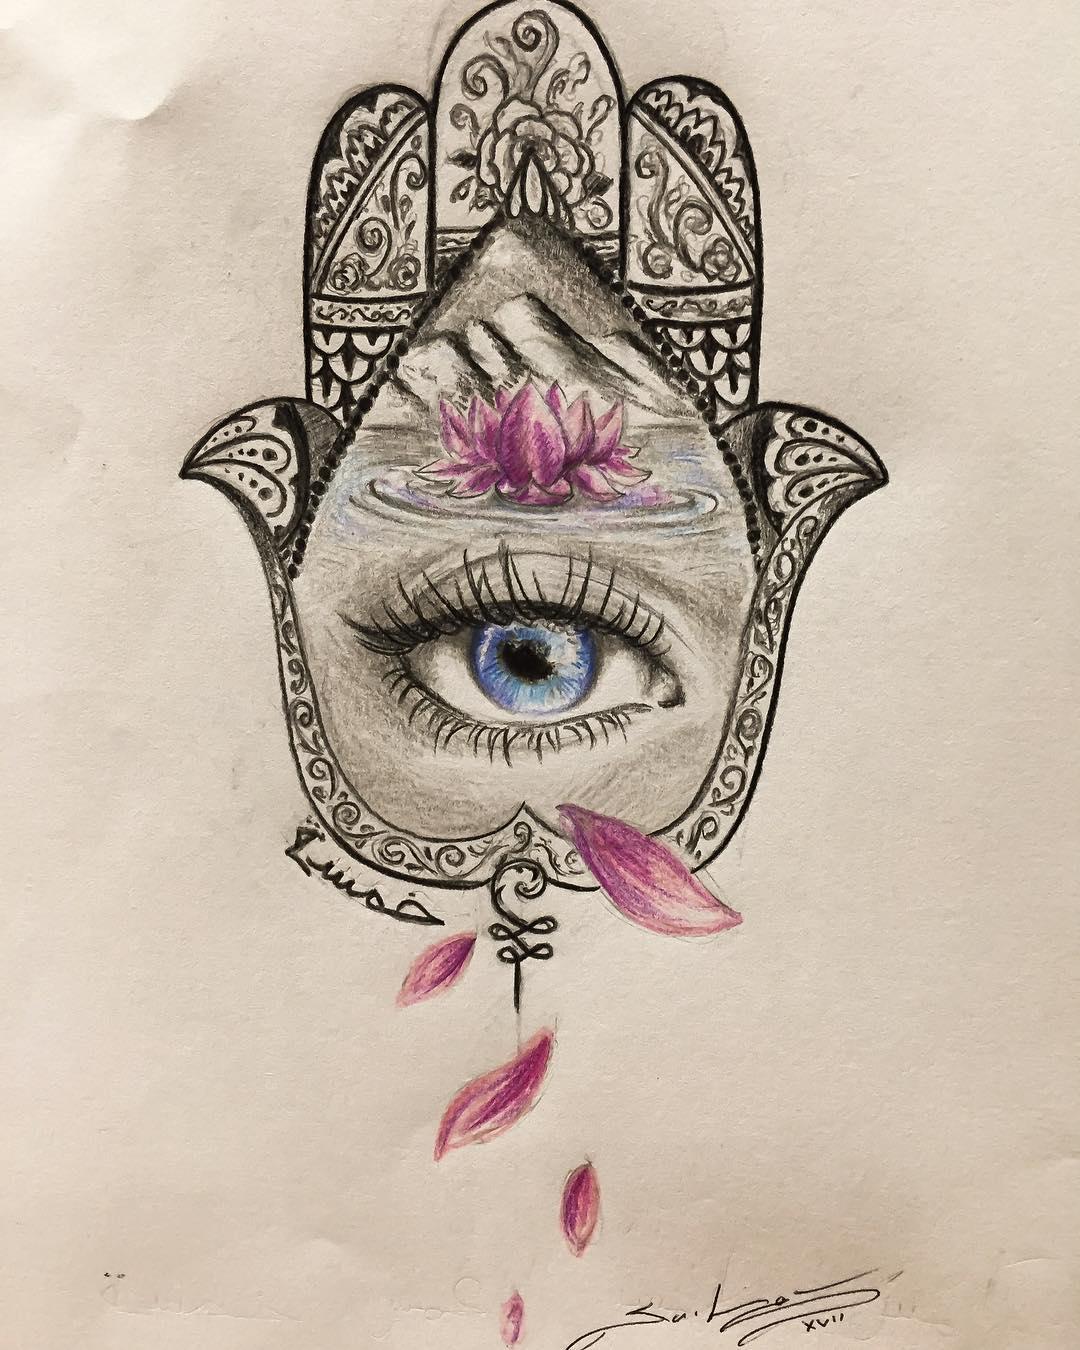 80d9556d0 #hamsa #hamsatattoo Hamsa #art #illustration #follow4follow #draw  #hamsatattoo #picture #artist ...